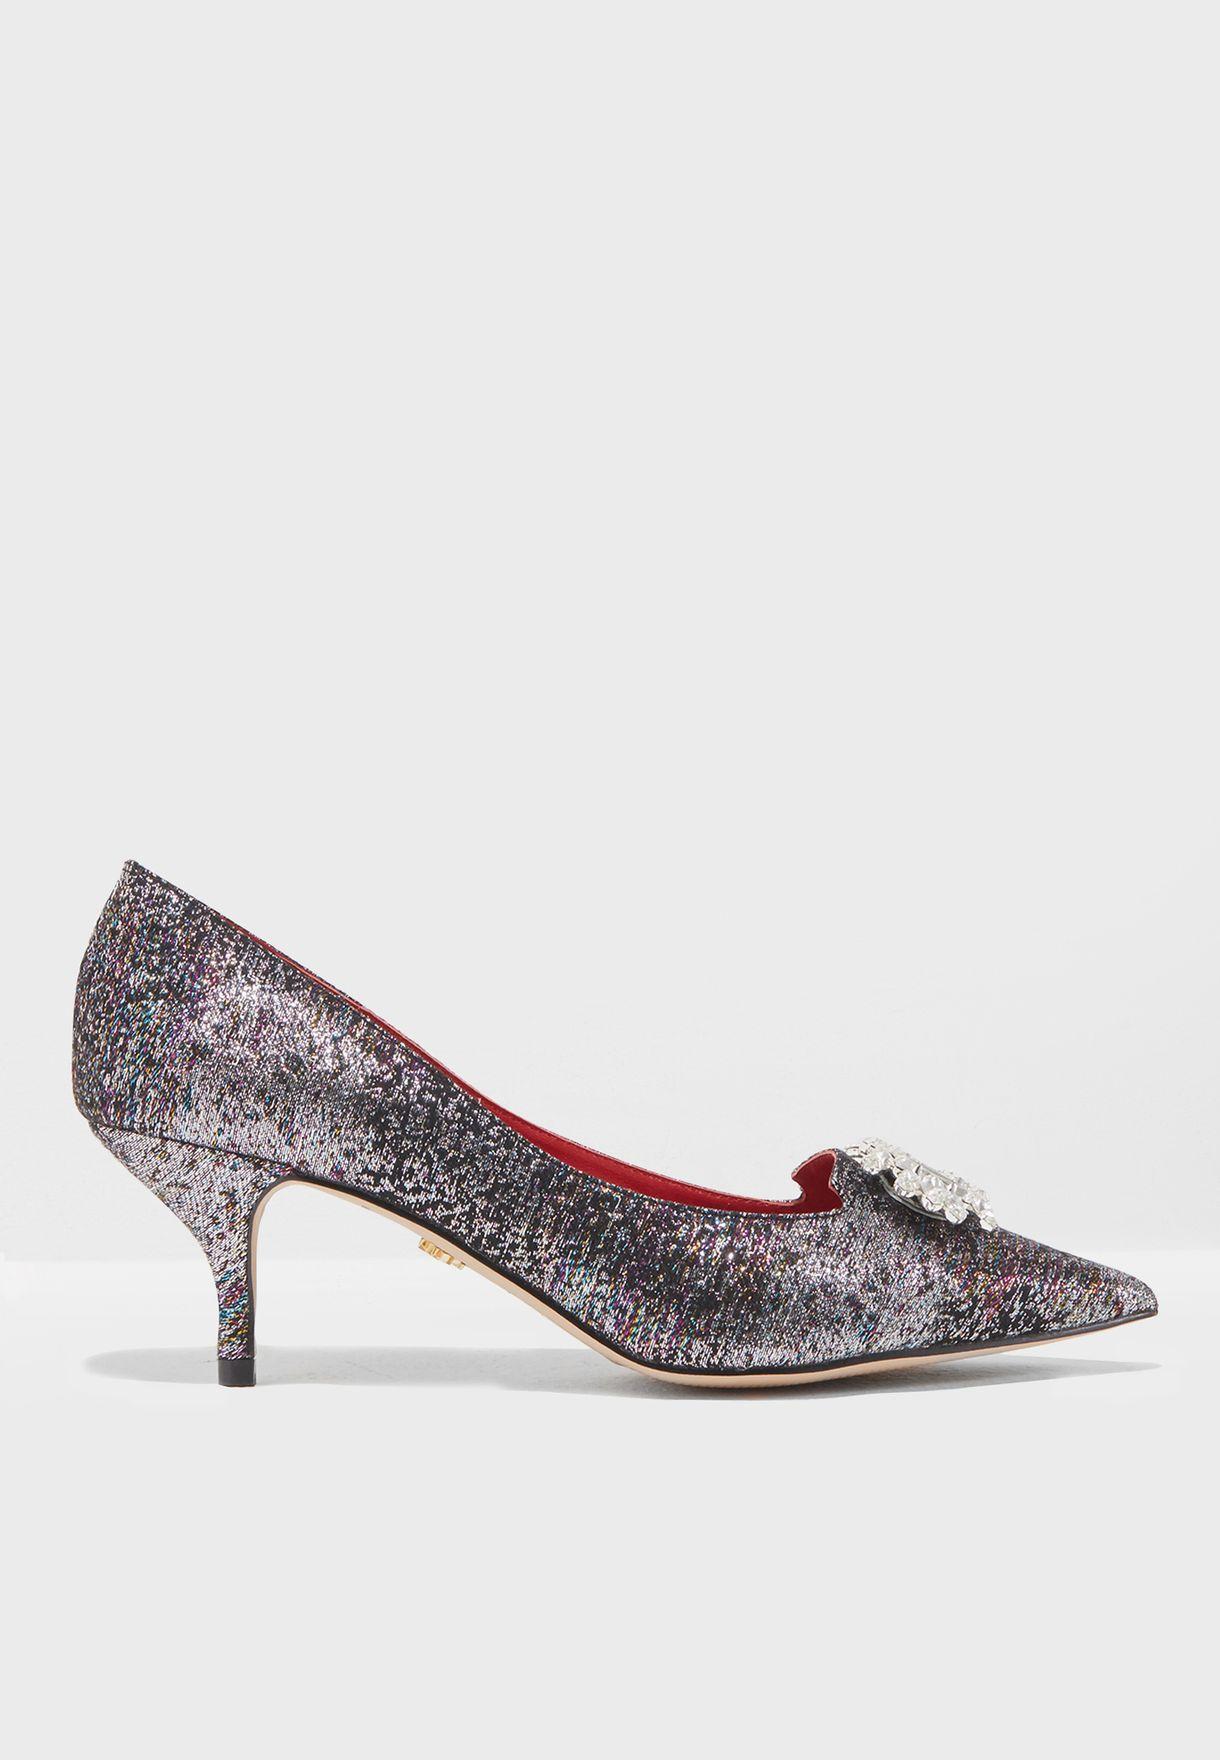 78597de3e6d53 Shop Kurt Geiger London metallic Pia Kitten Heeled Sandals PIA JEWEL ...